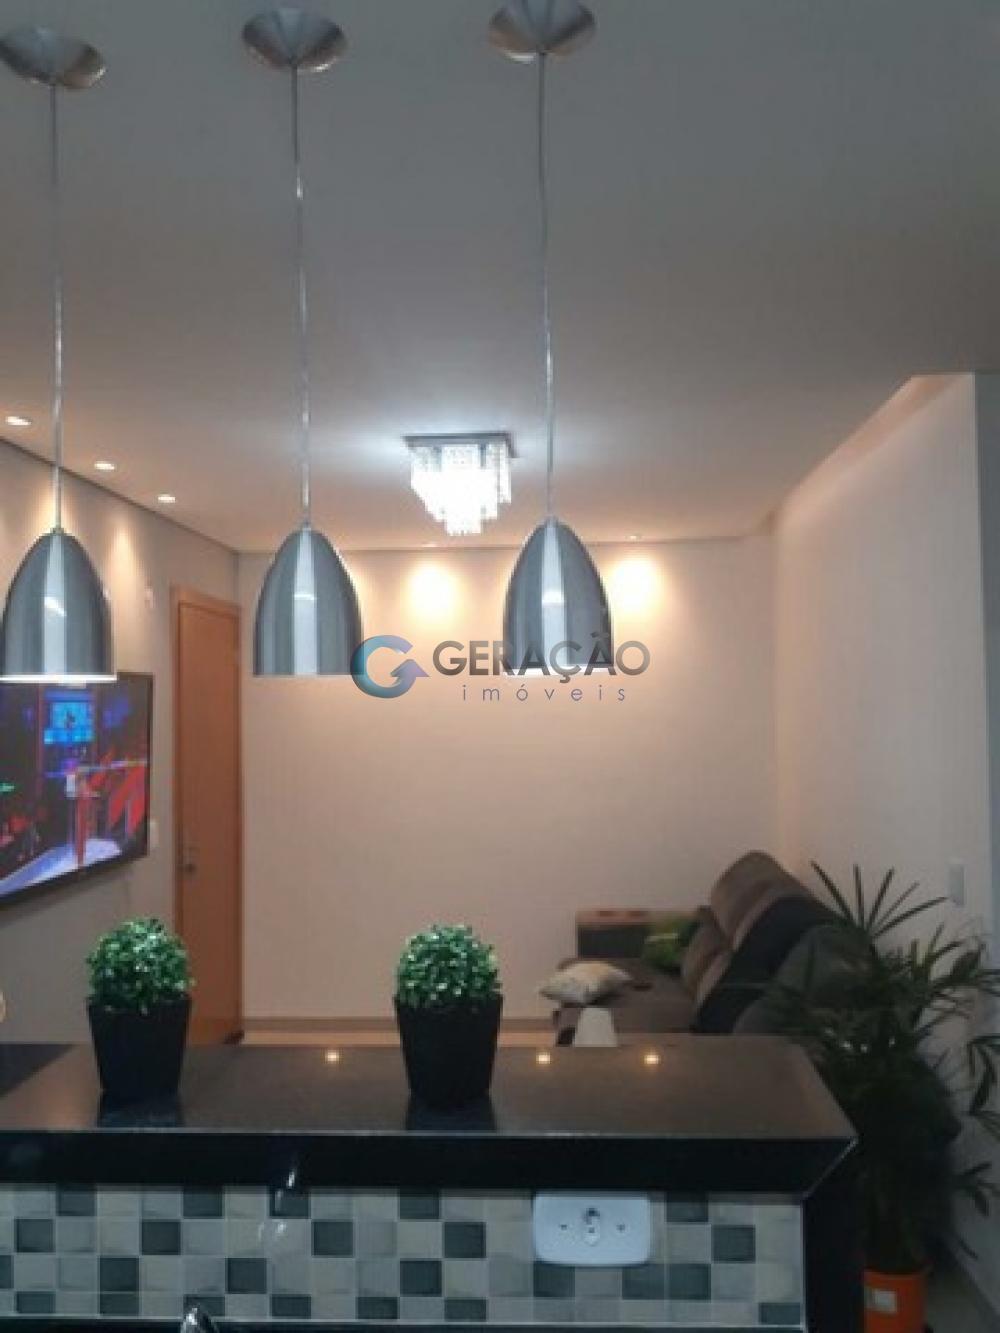 Comprar Apartamento / Padrão em São José dos Campos R$ 170.000,00 - Foto 1